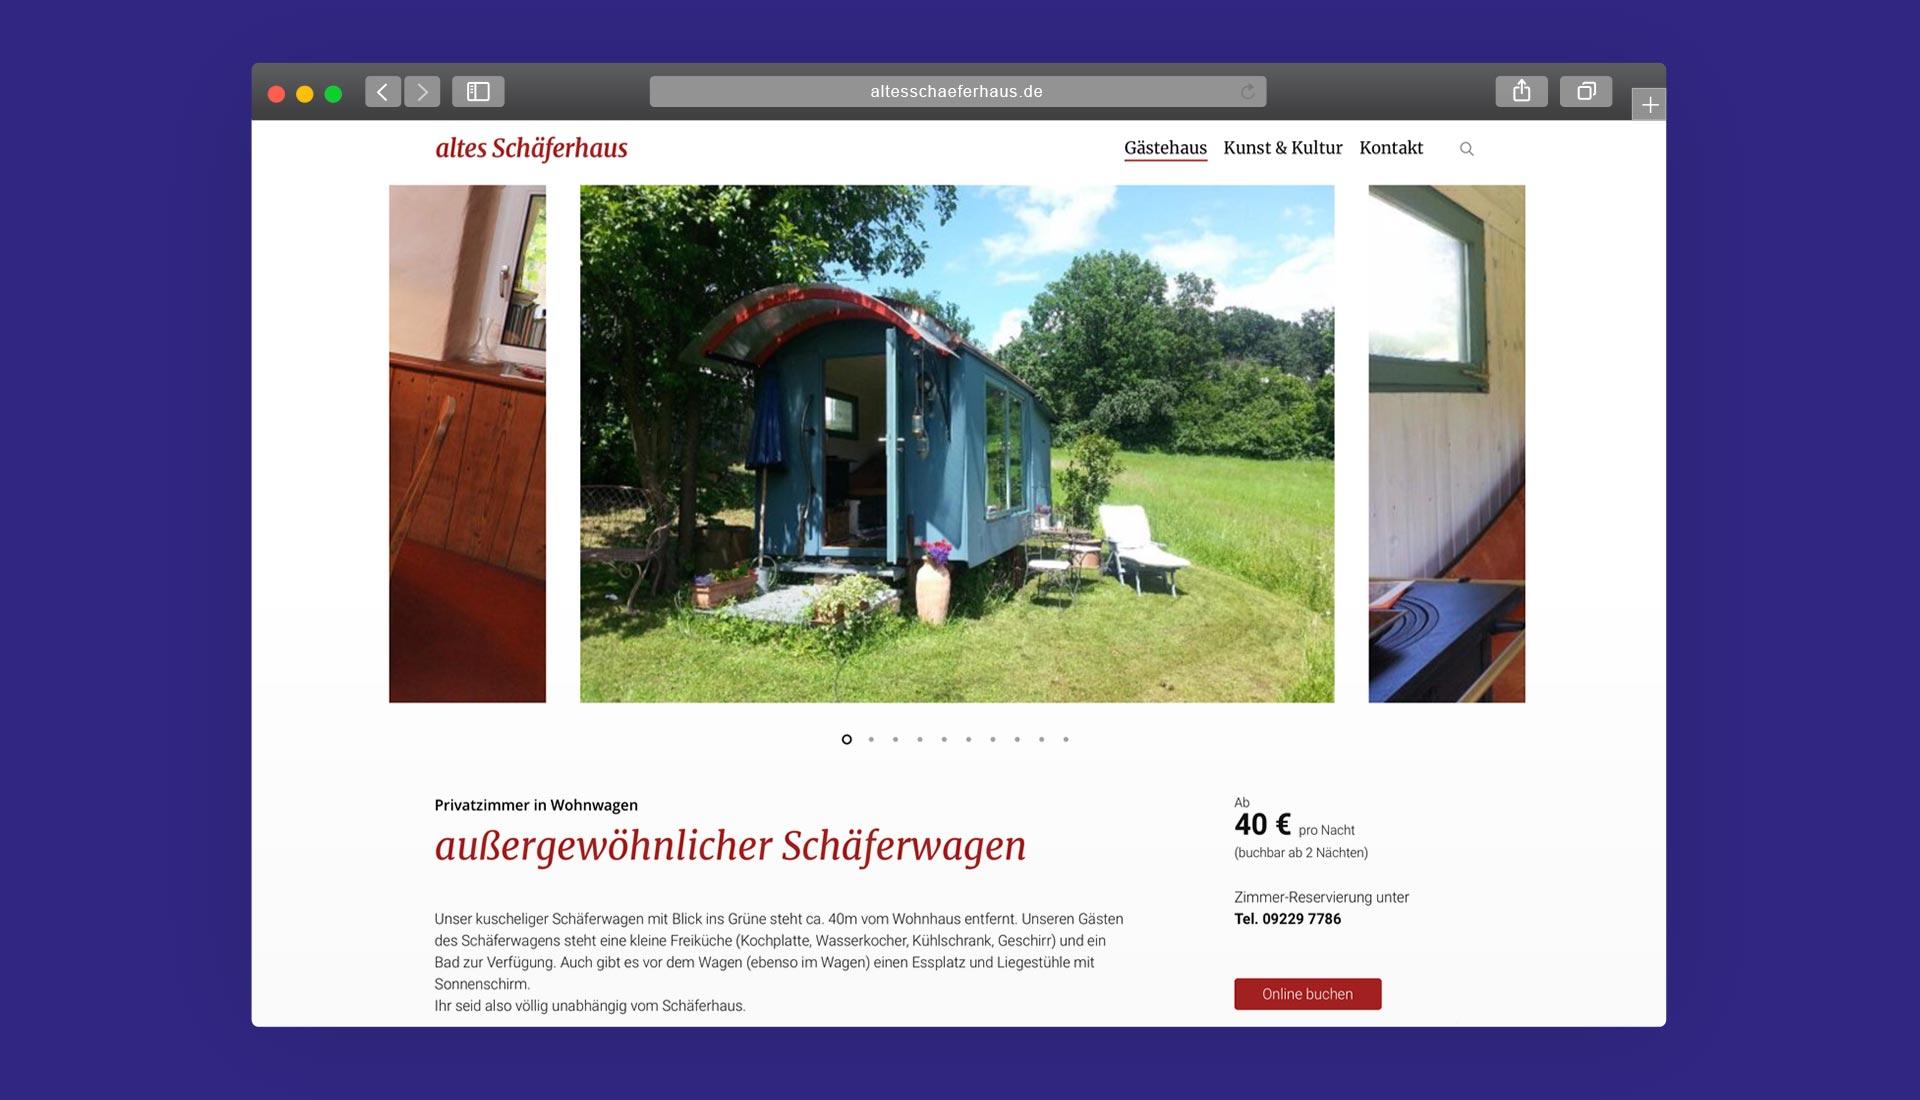 altes-schaeferhaus-web